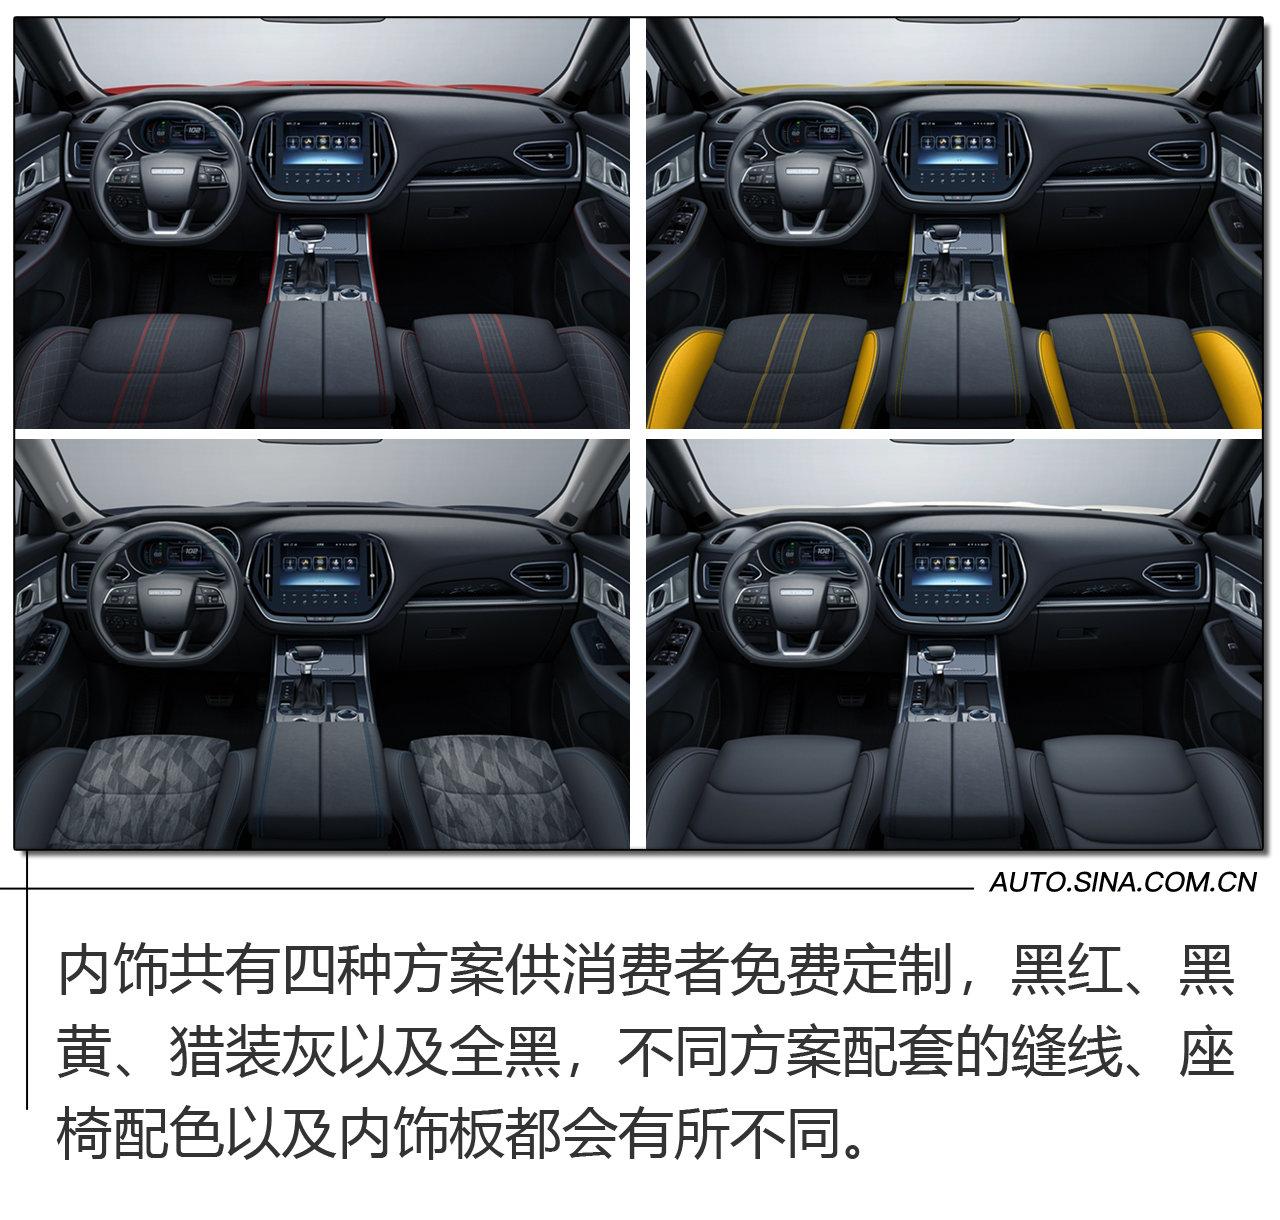 消费者翻身做主人!不是所有定制都叫捷途X70 Coupe